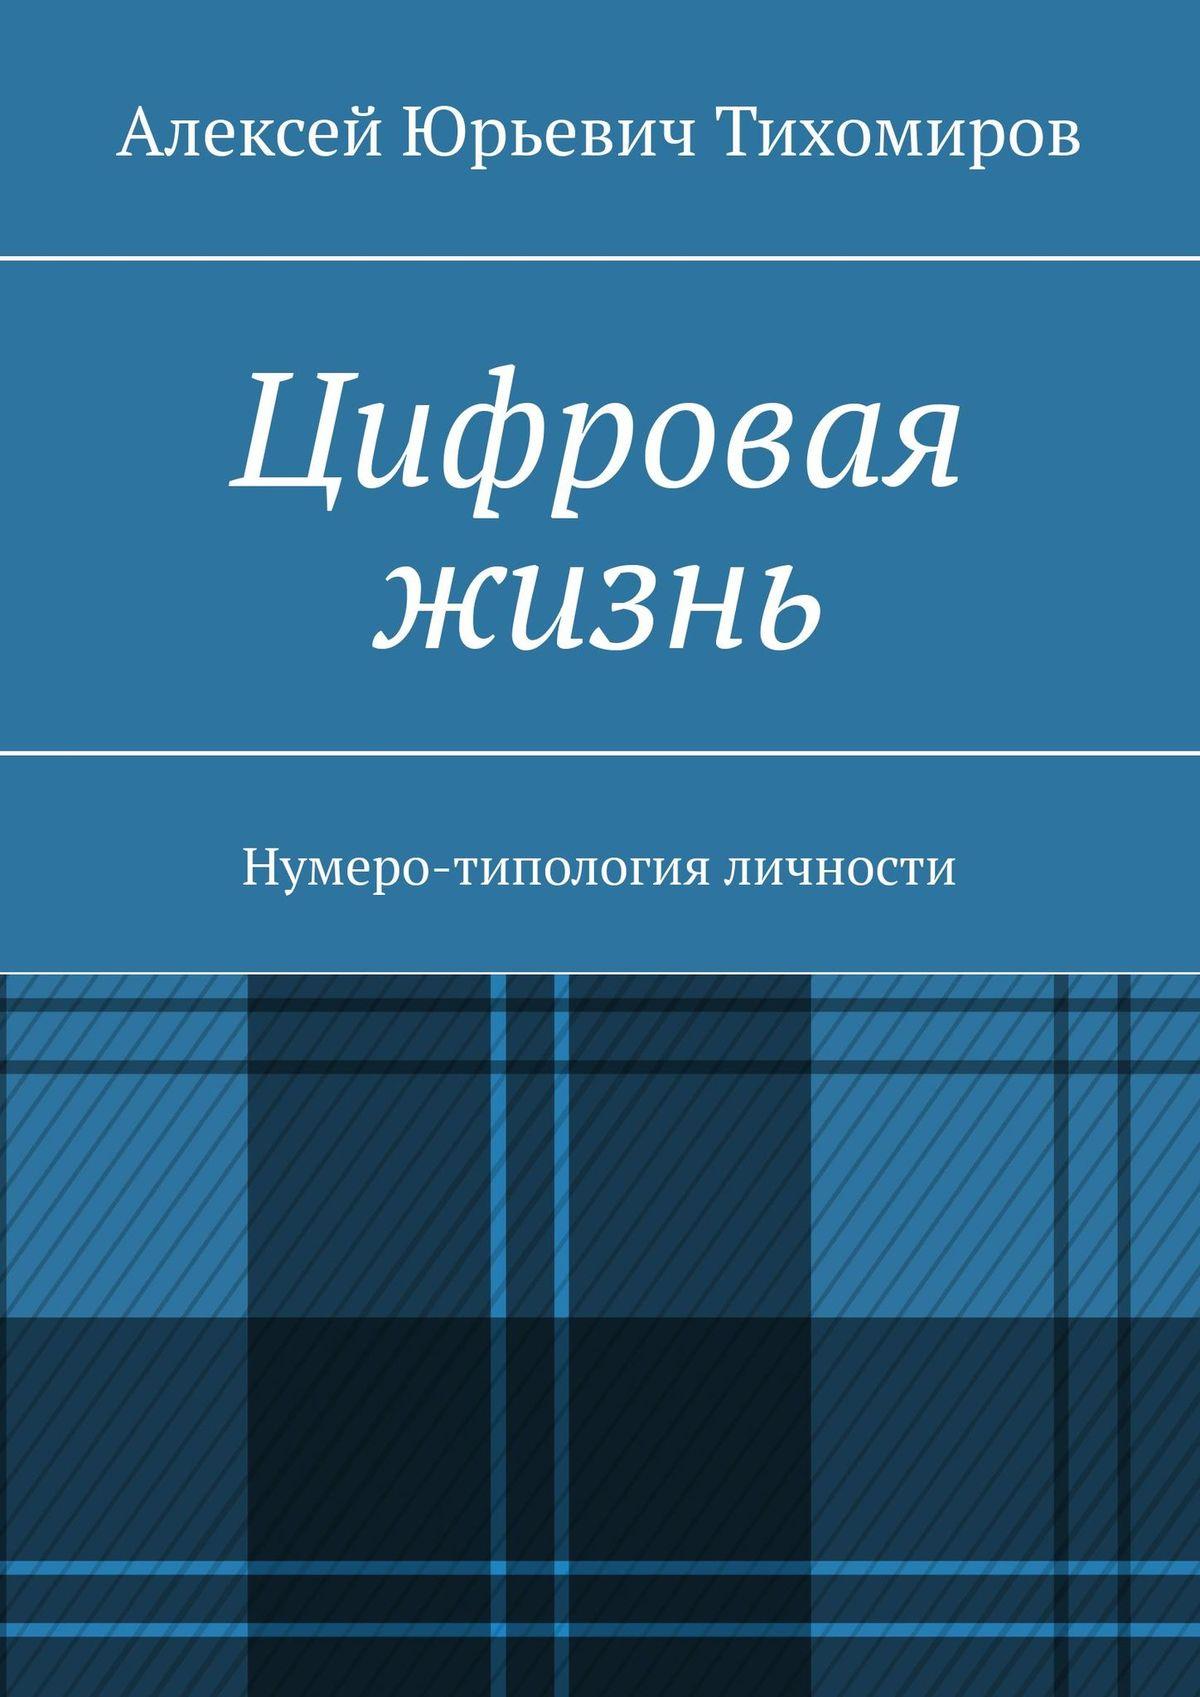 Алексей Юрьевич Тихомиров Цифровая жизнь. Нумеро-типология личности